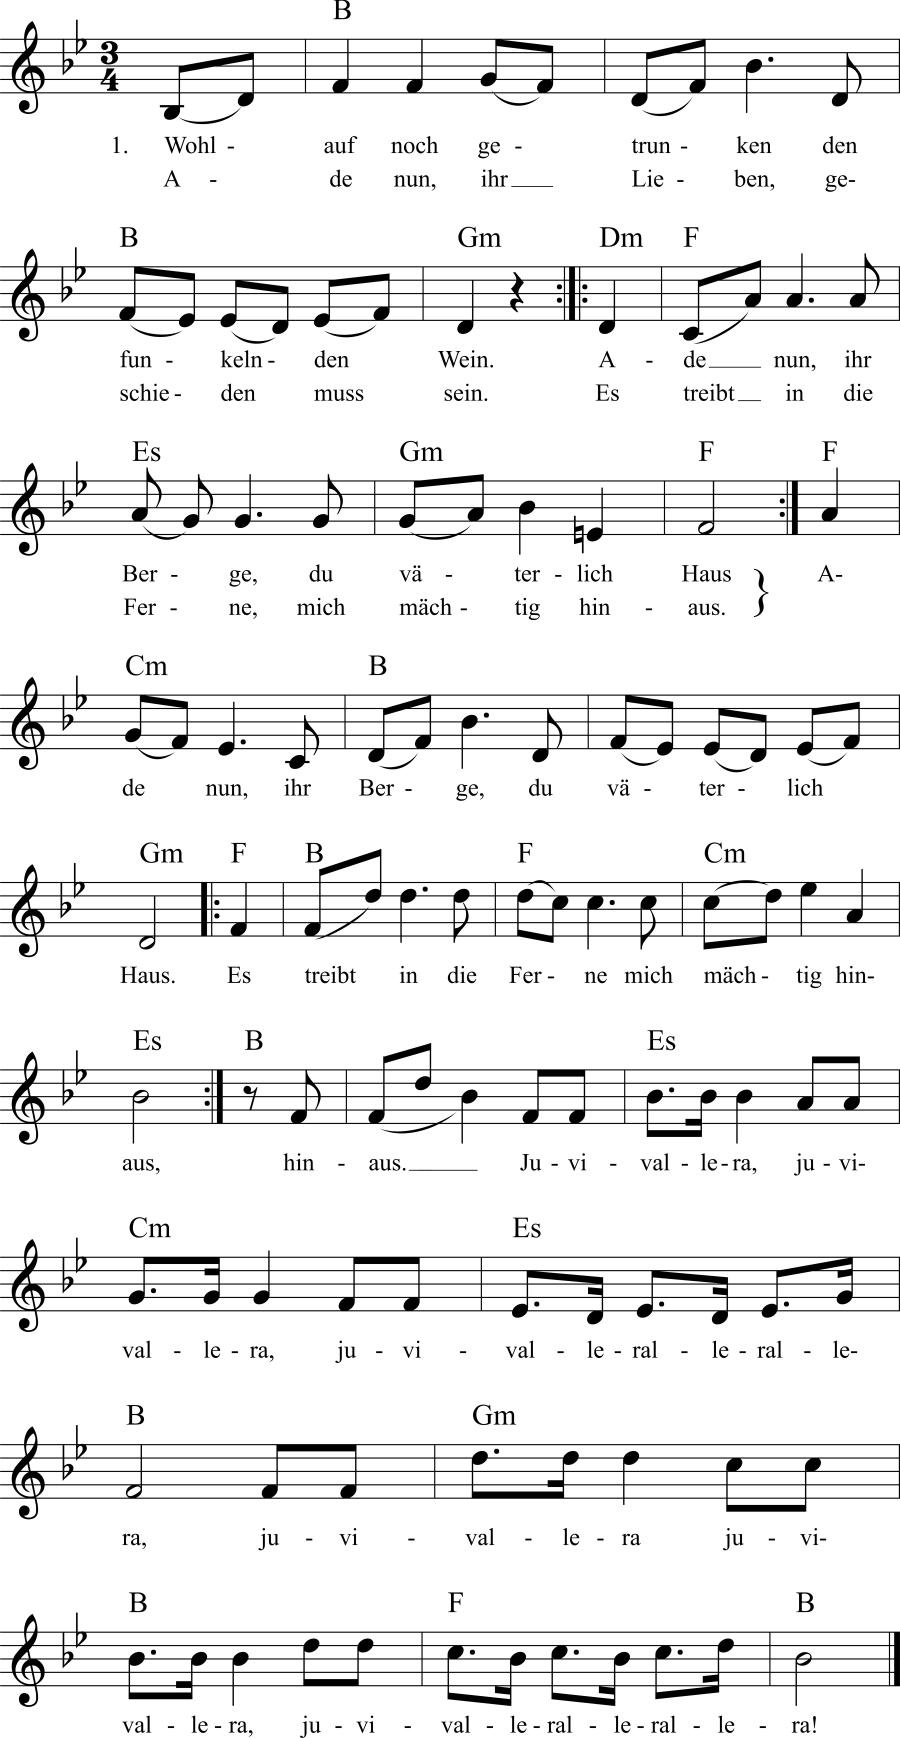 Musiknoten zum Lied Wohlauf noch getrunken